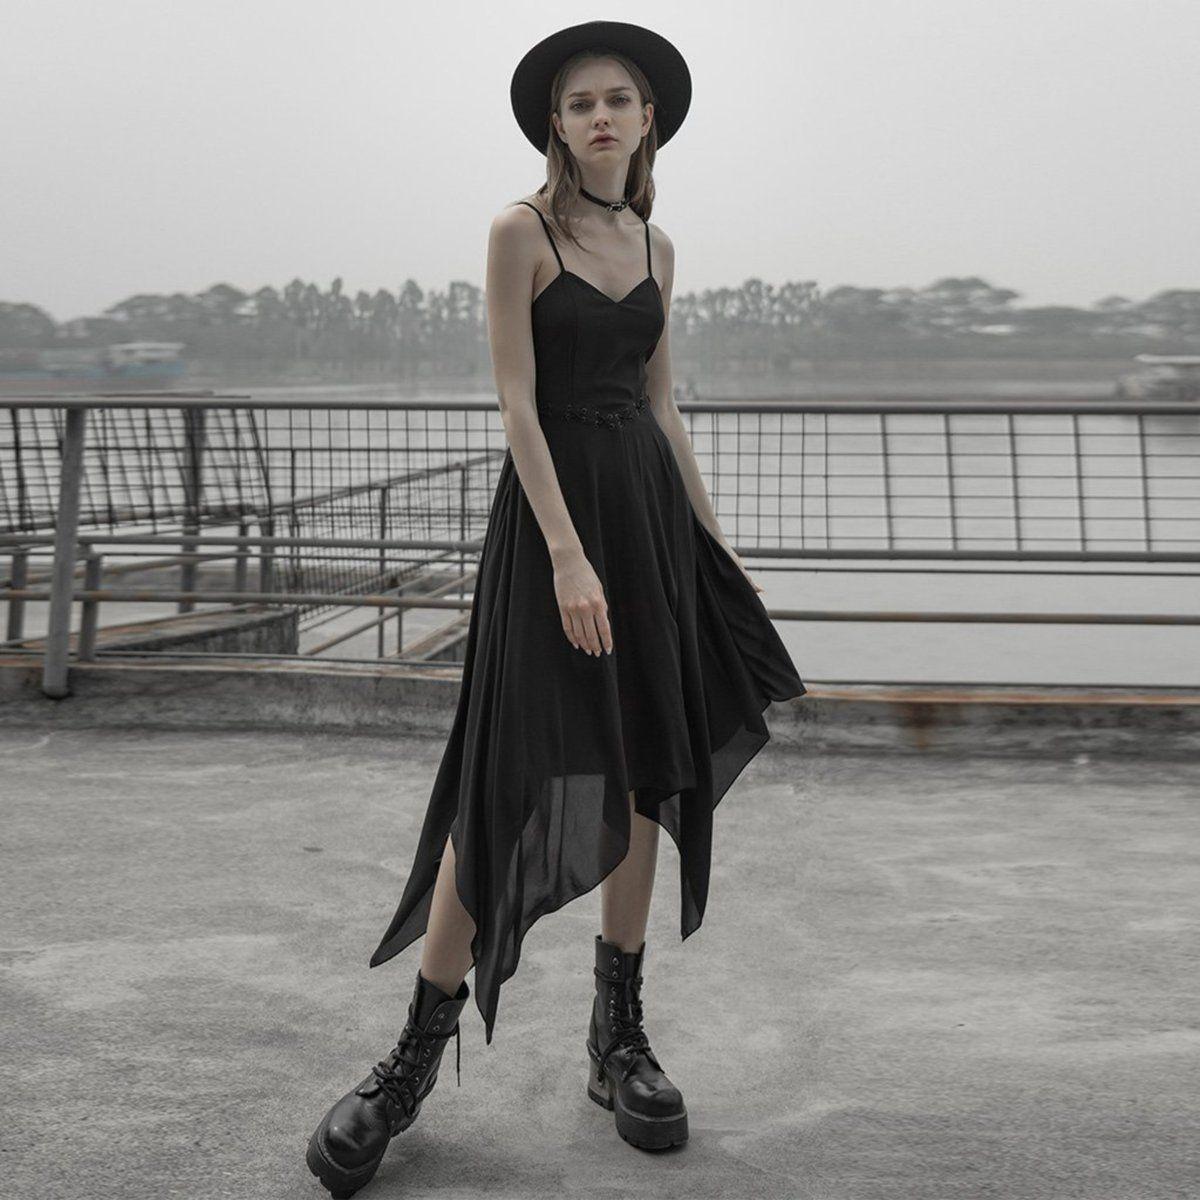 The Striga Dress Punk Dress Dresses Grunge Prom Dress [ 1200 x 1200 Pixel ]